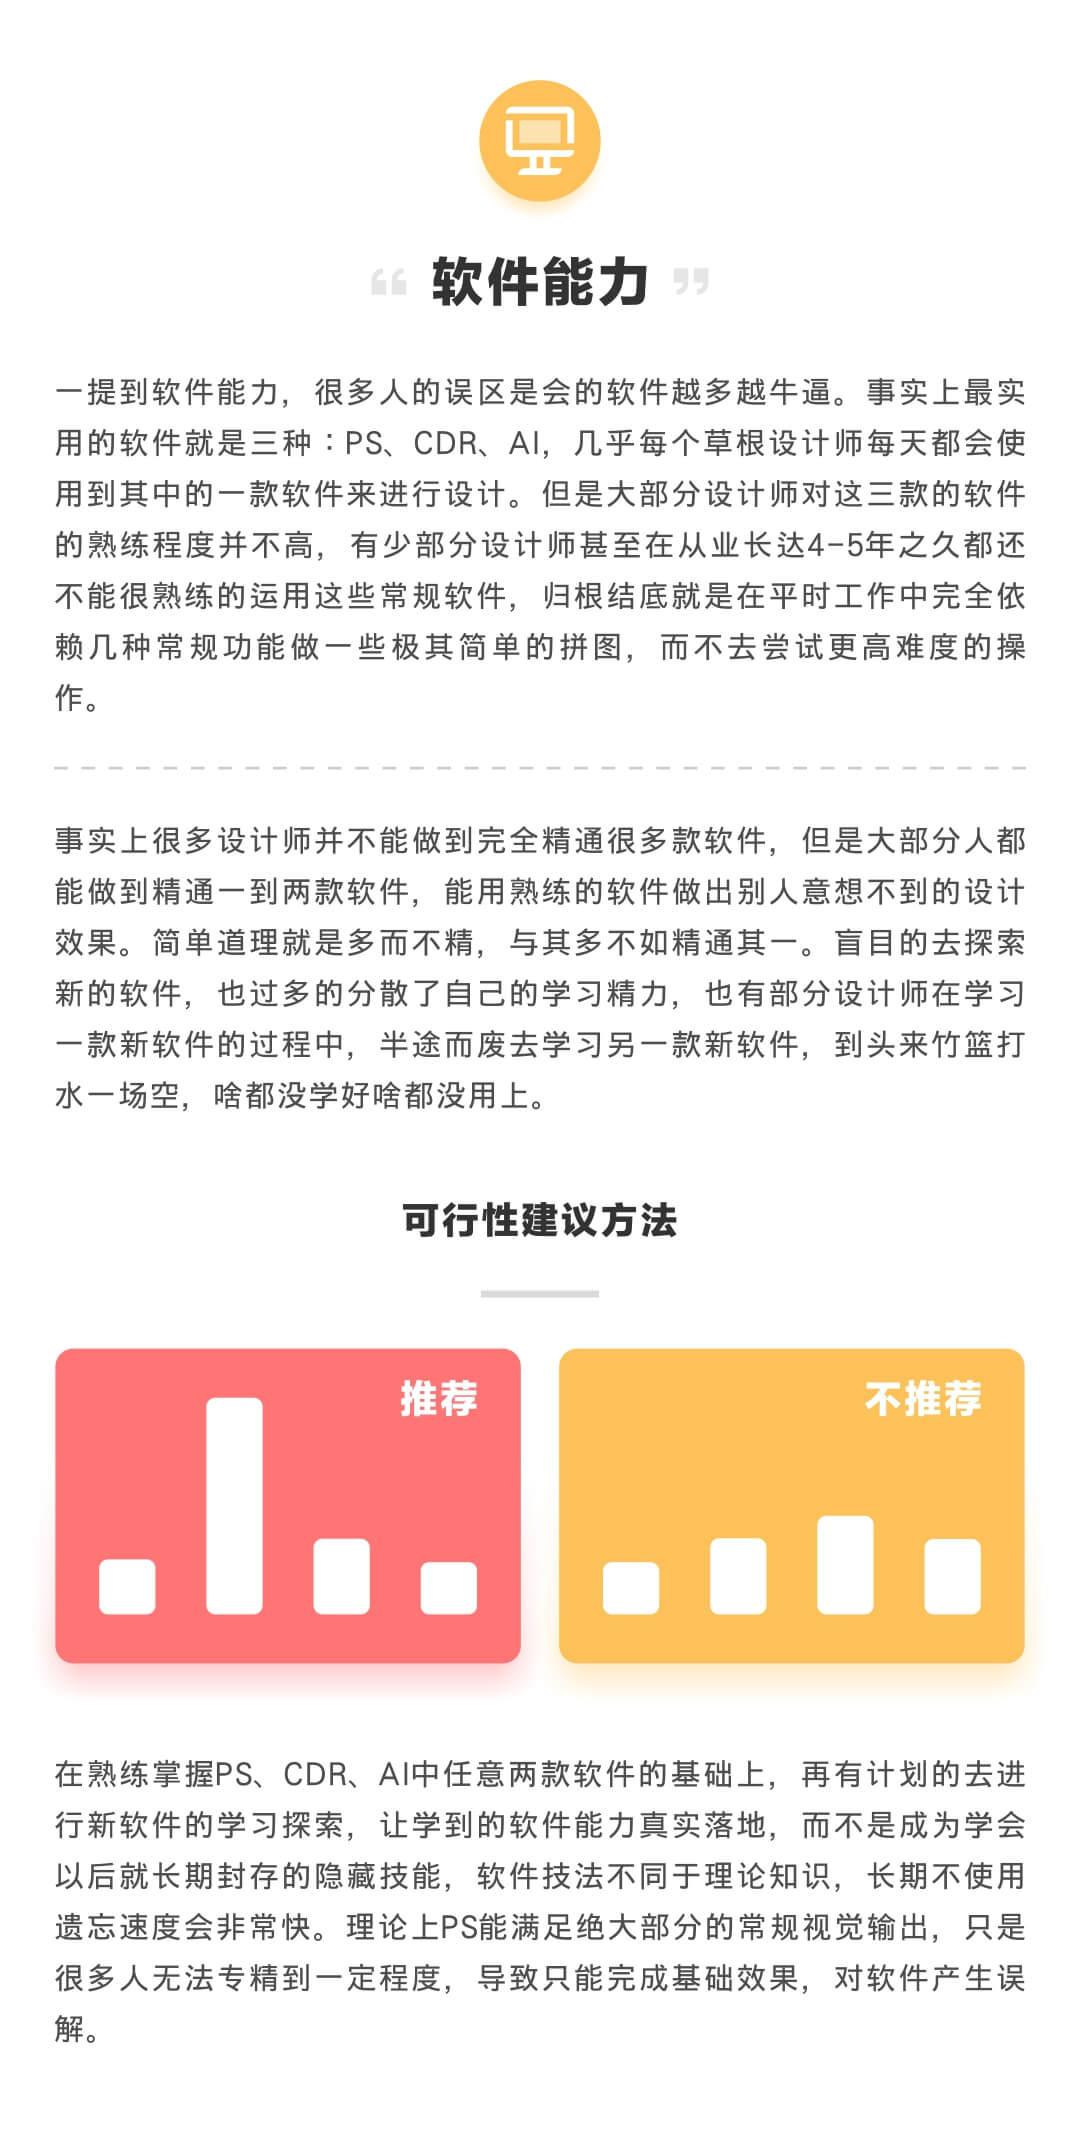 系列三部曲!中国式草根设计师的从业现状分析